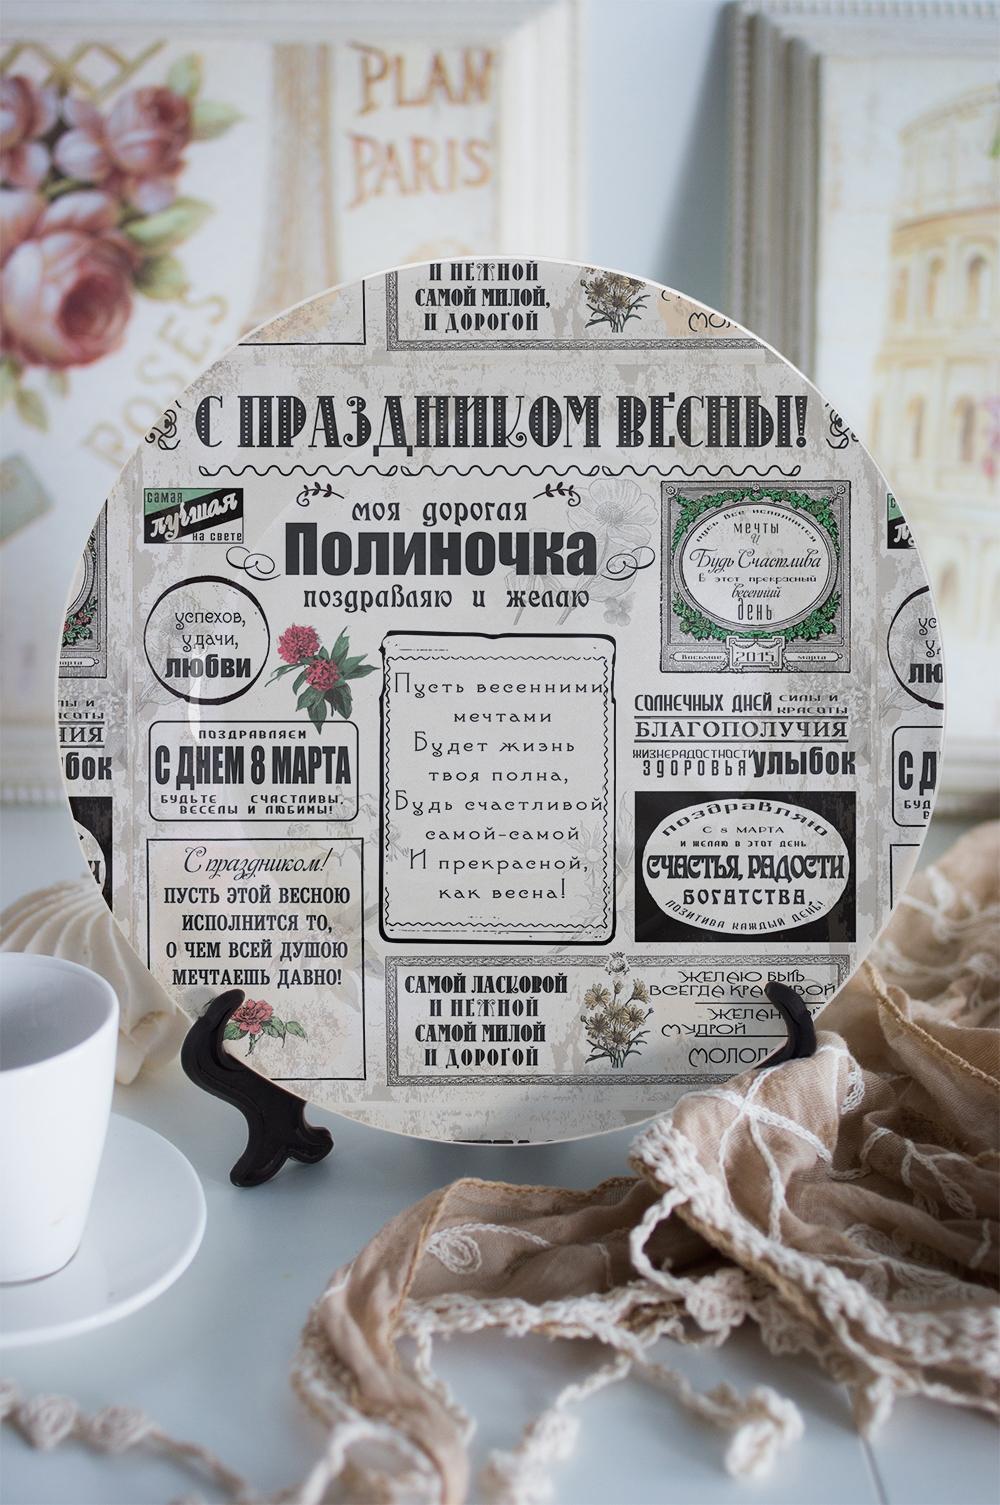 Тарелка декоративная с вашим текстом Вести к 8 мартаПосуда<br>Подарите необыкновенный сувенир с индивидуальной надписью и именем – такая декоративная тарелка станет эксклюзивным украшением для интерьера и незабываемым подарком! Выберите понравившийся фон, впишите любимую фразу, имя получателя. Диаметр 20см<br>